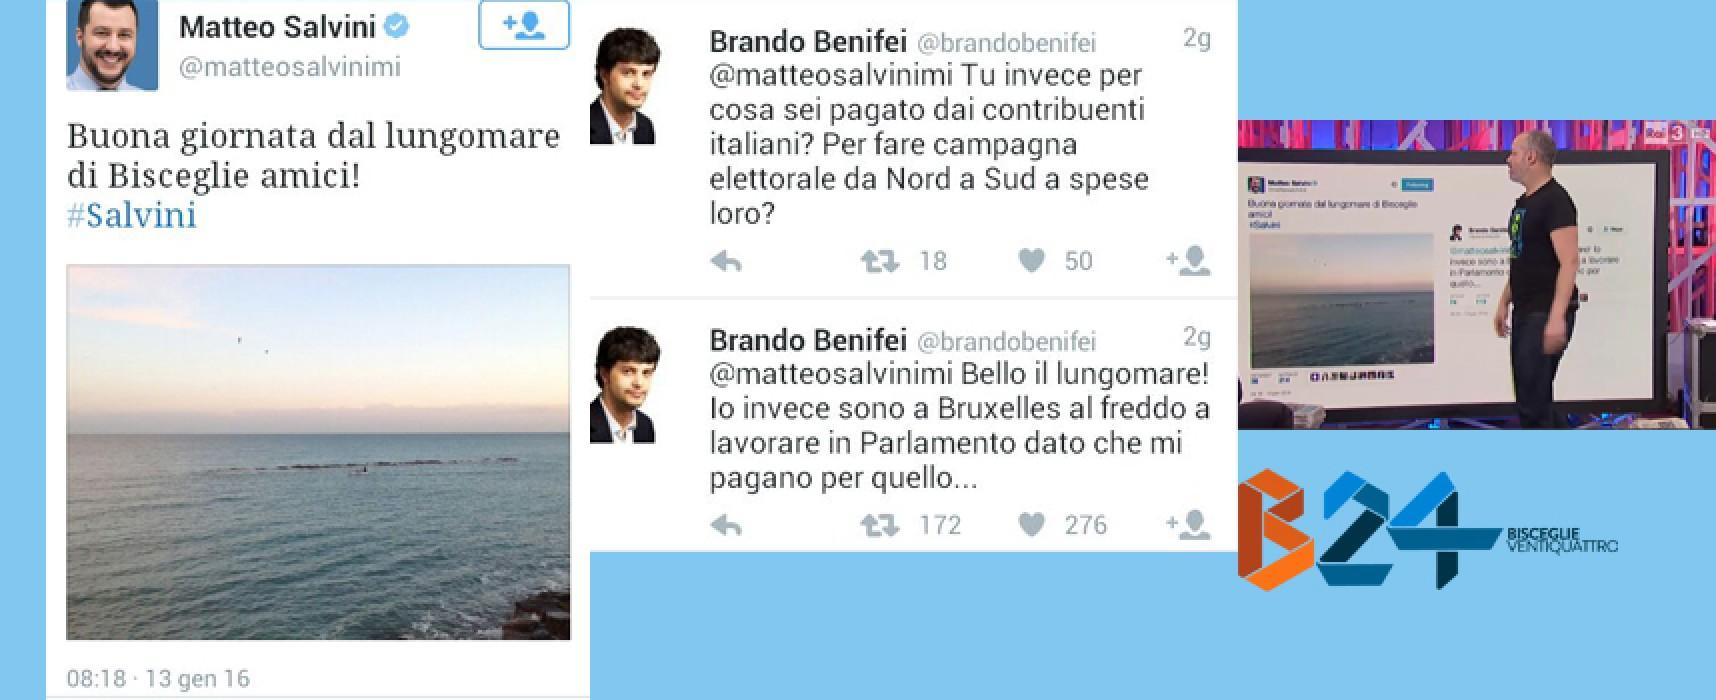 Il tweet di Salvini da Bisceglie scatena una bufera social che finisce anche su Rai3